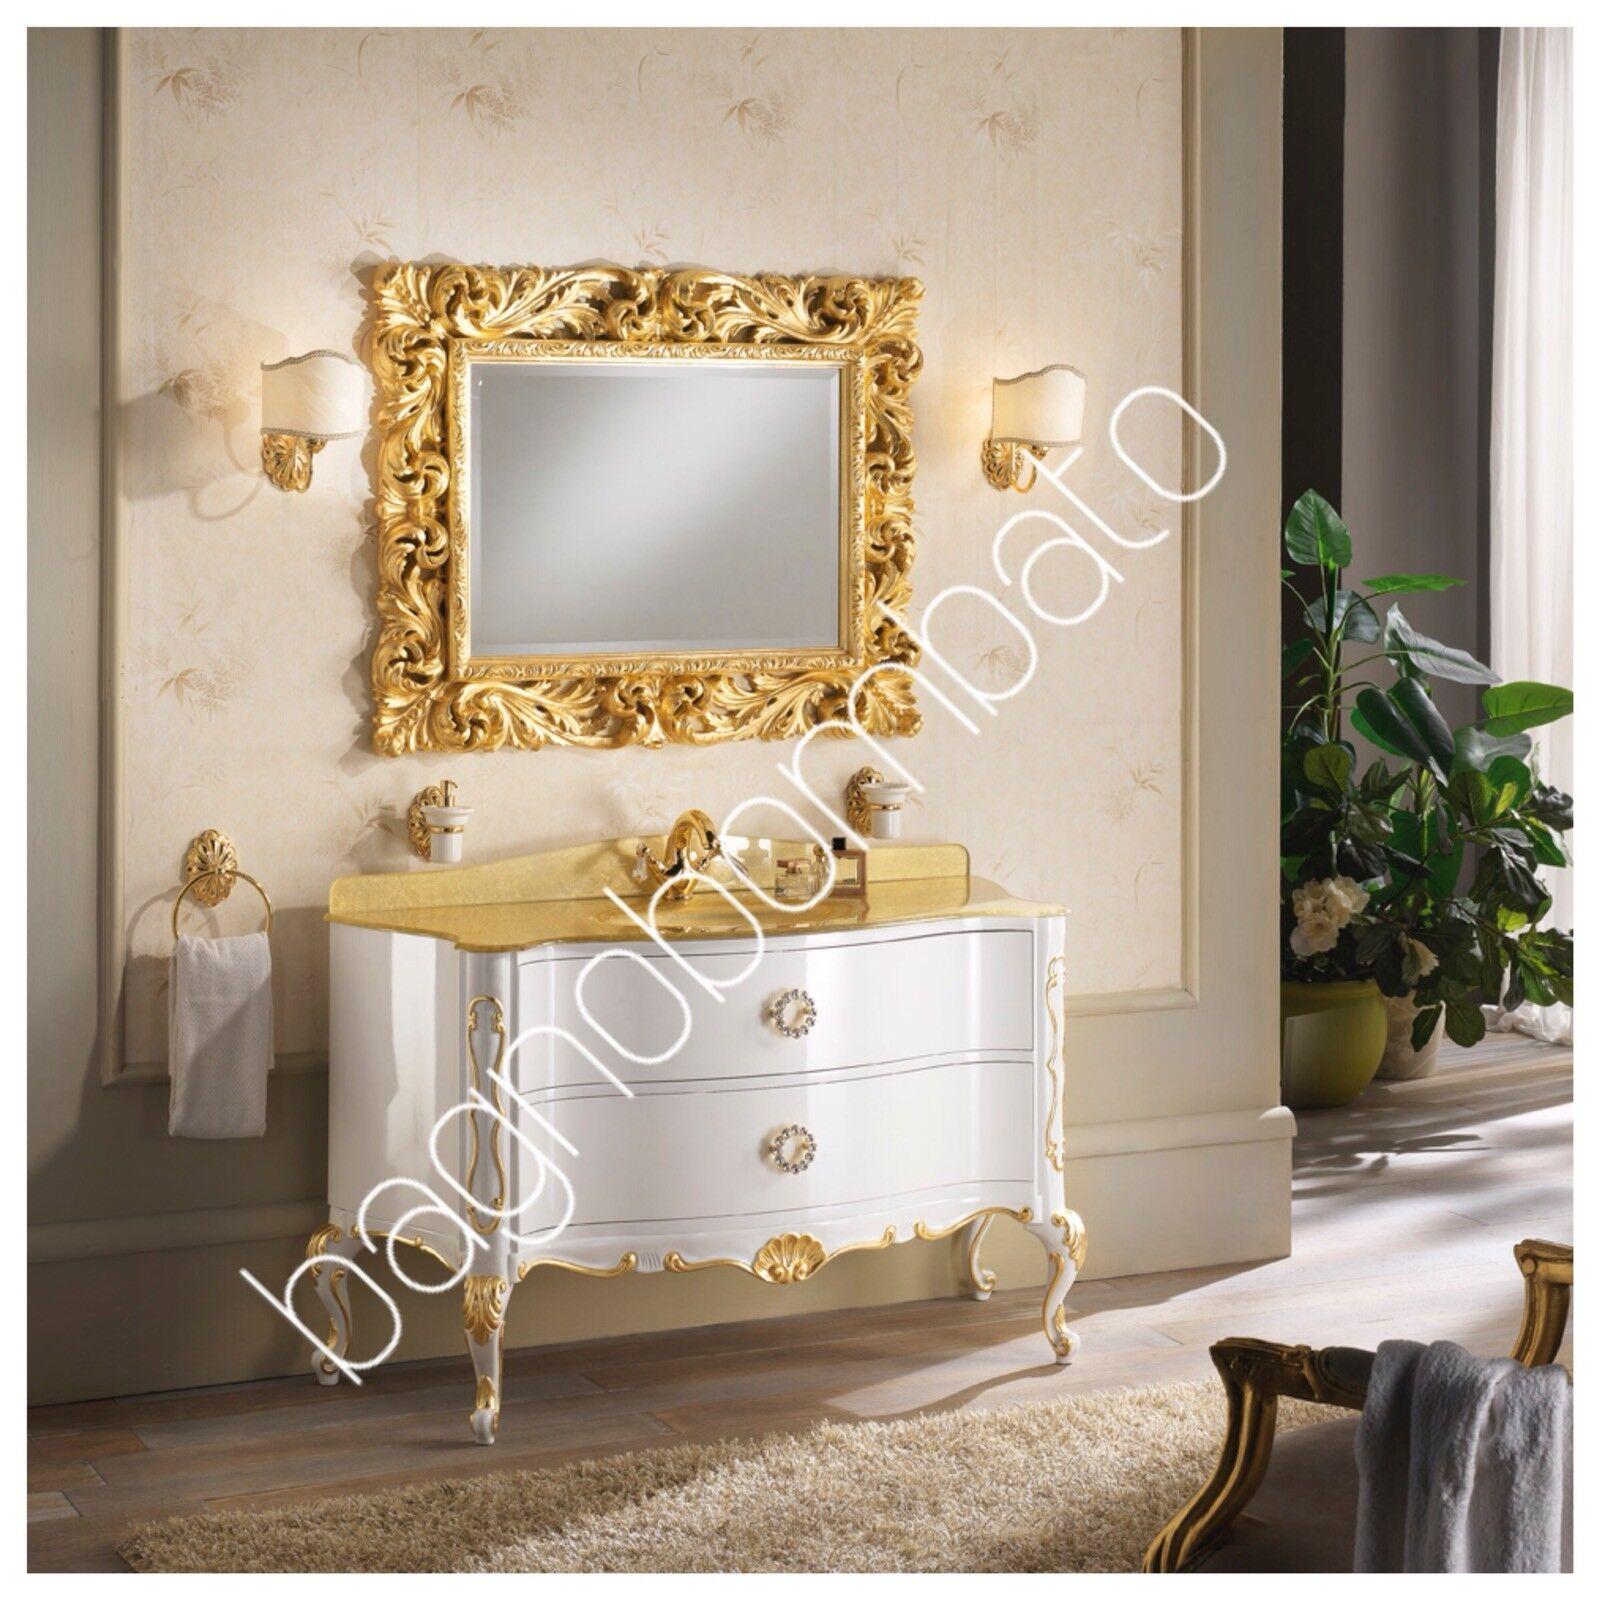 Mobile bagno classico Arredamento, mobili e accessori per